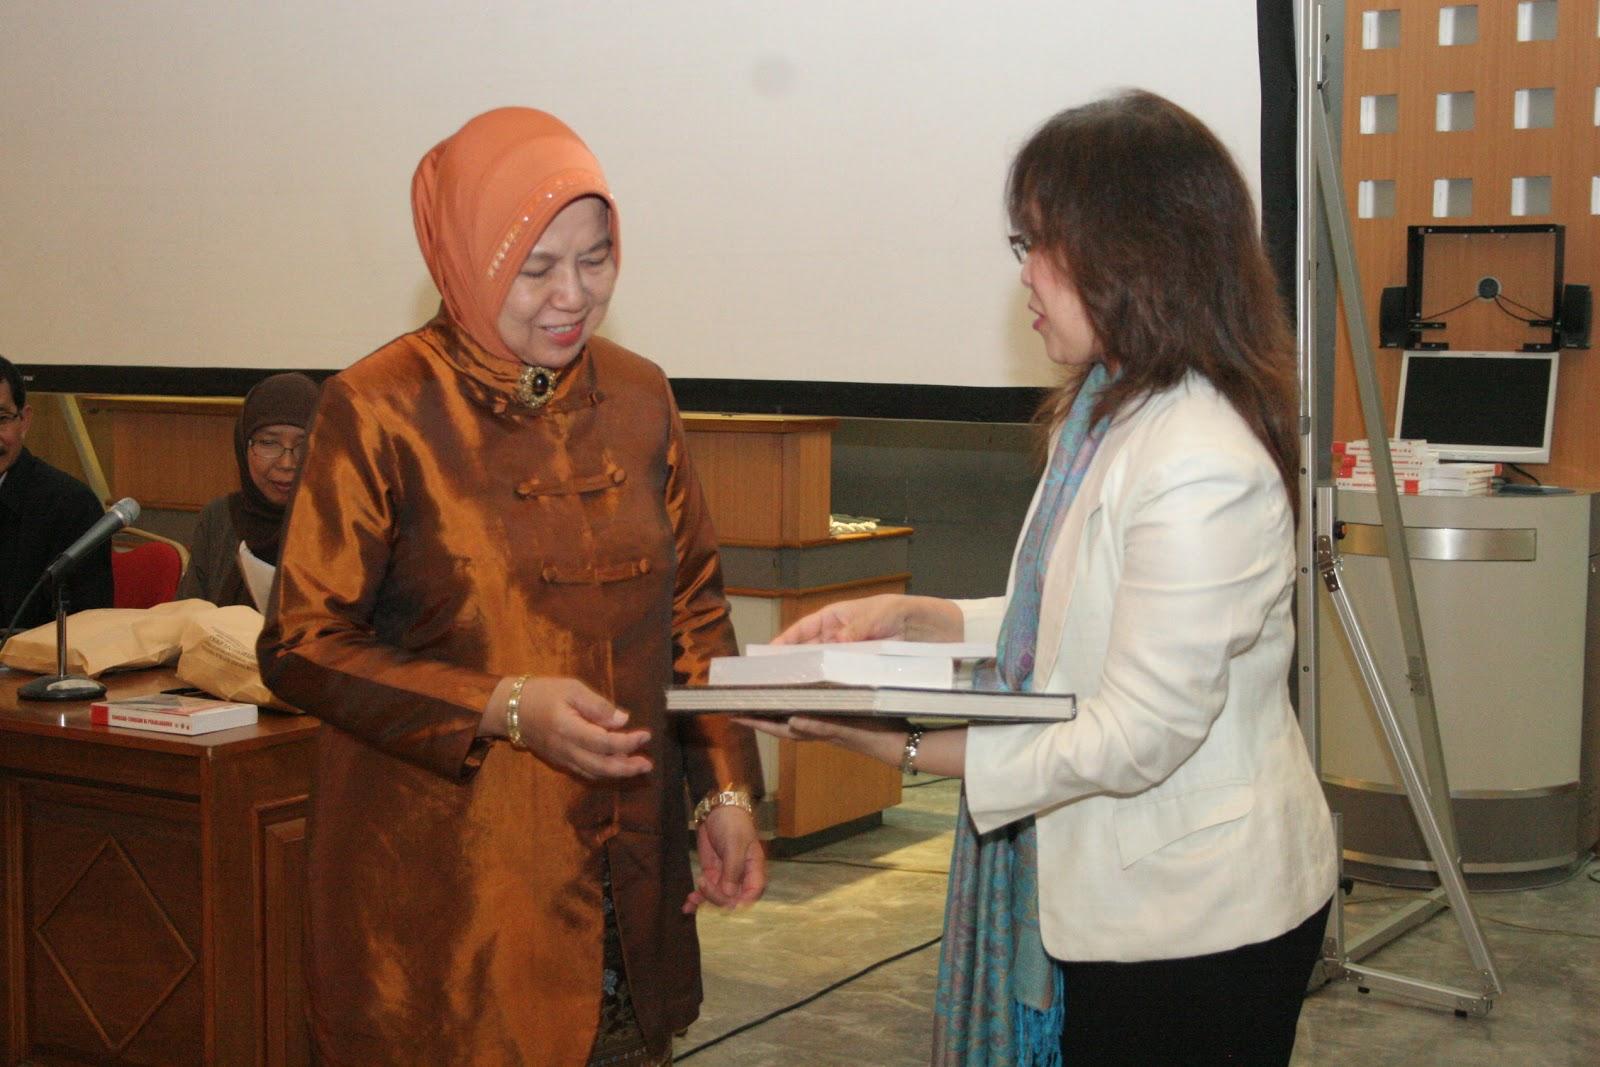 Ely Nugraha, plh MKAA Bandung (kanan) menyerahkan kenang-kenangan kepada keluarga Arie F Lasut usai pemutaran film dan diskusi. (Foto: Dok. MKAA Bandung)